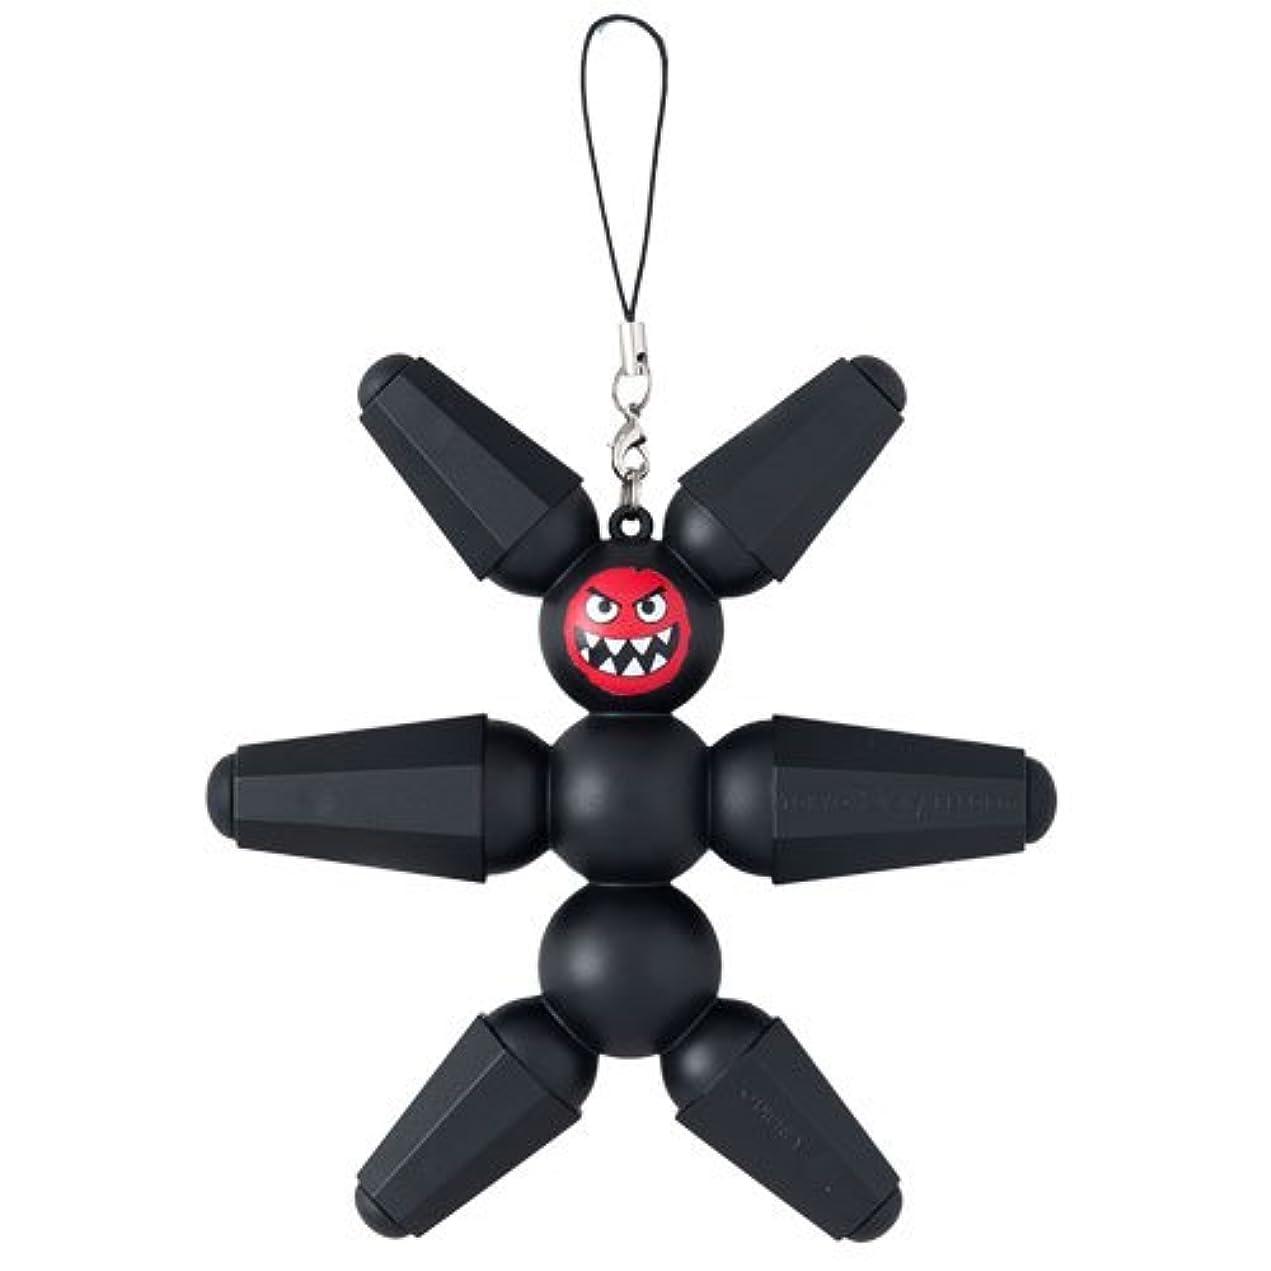 テクトニックオール形状メガボット ツボ押し マッサージ ストラップ ピクサー ビッグヒーロー6【東京ディズニーリゾート限定】